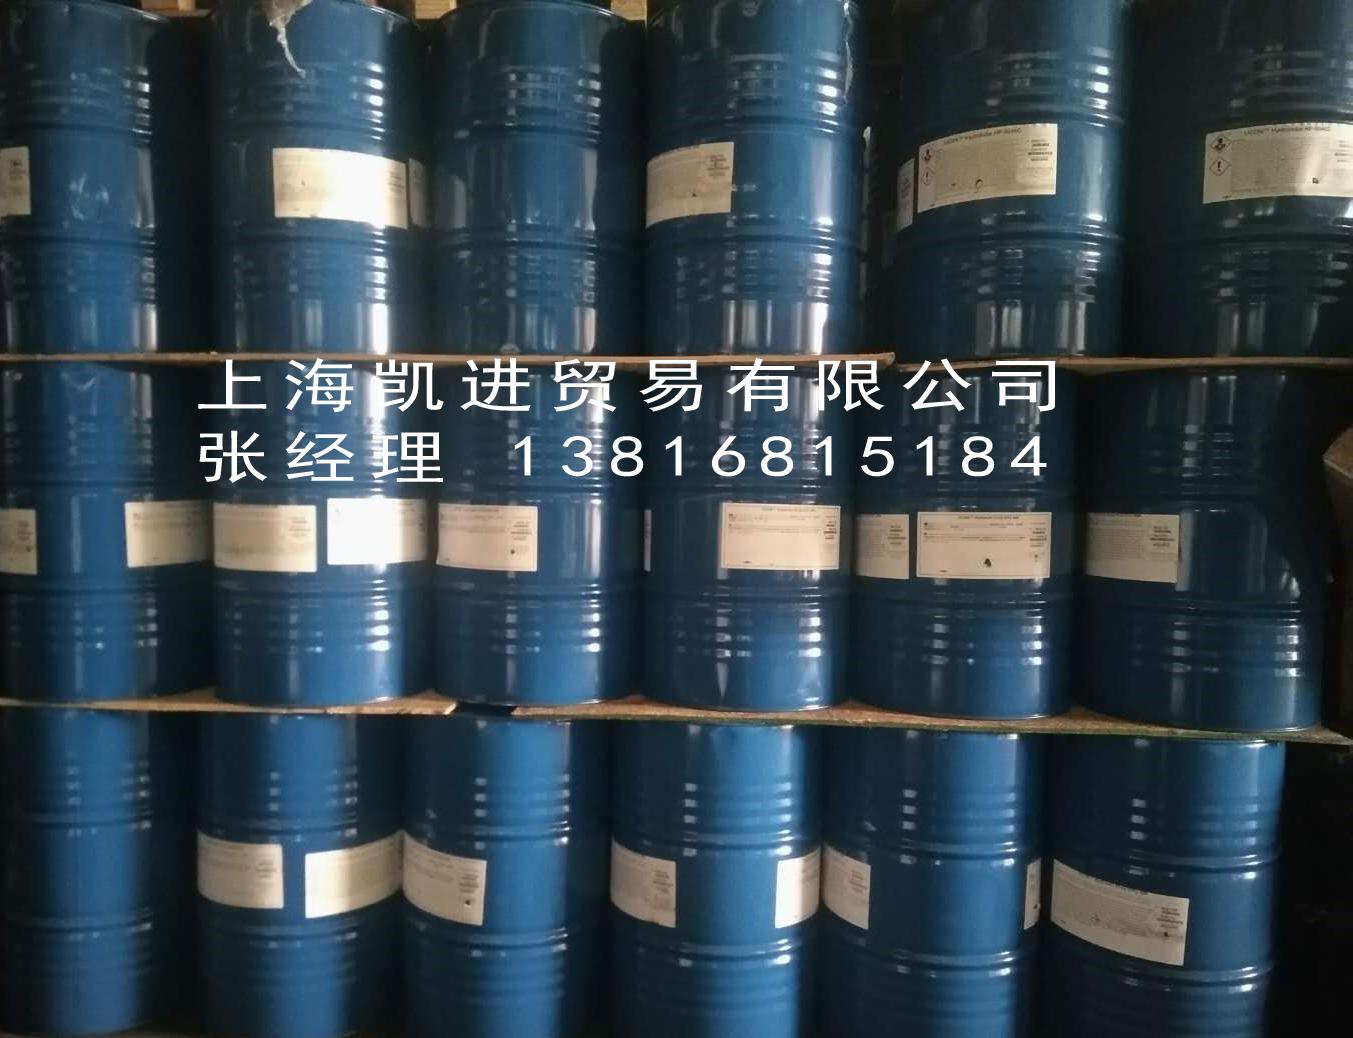 陶氏优康UCON Compressor Lubricant R-1压缩机油